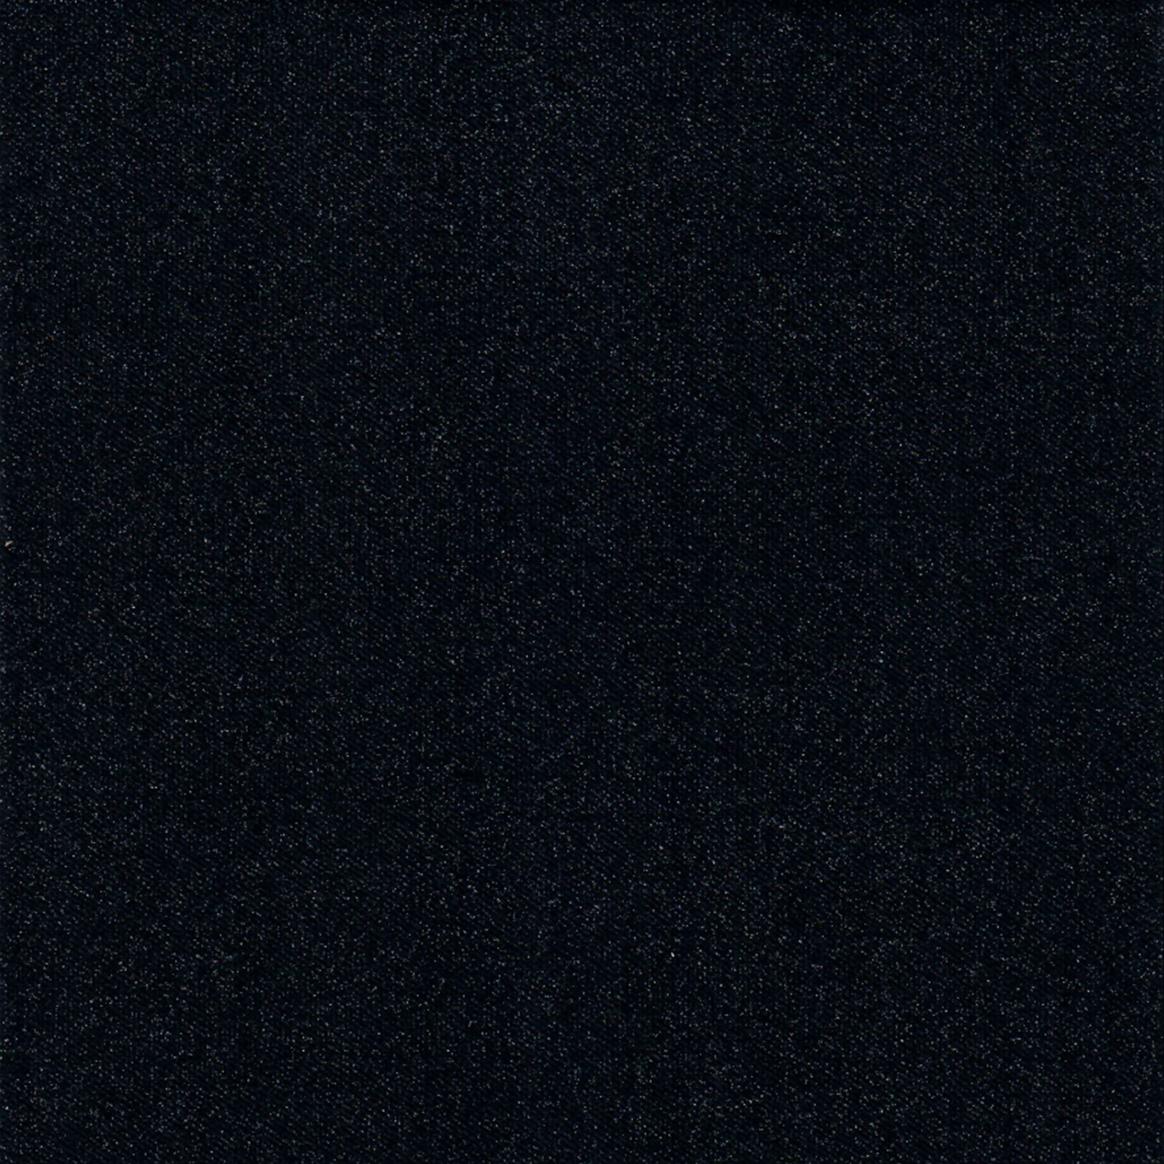 Sorte servietter med glimmer effekt 40 cm